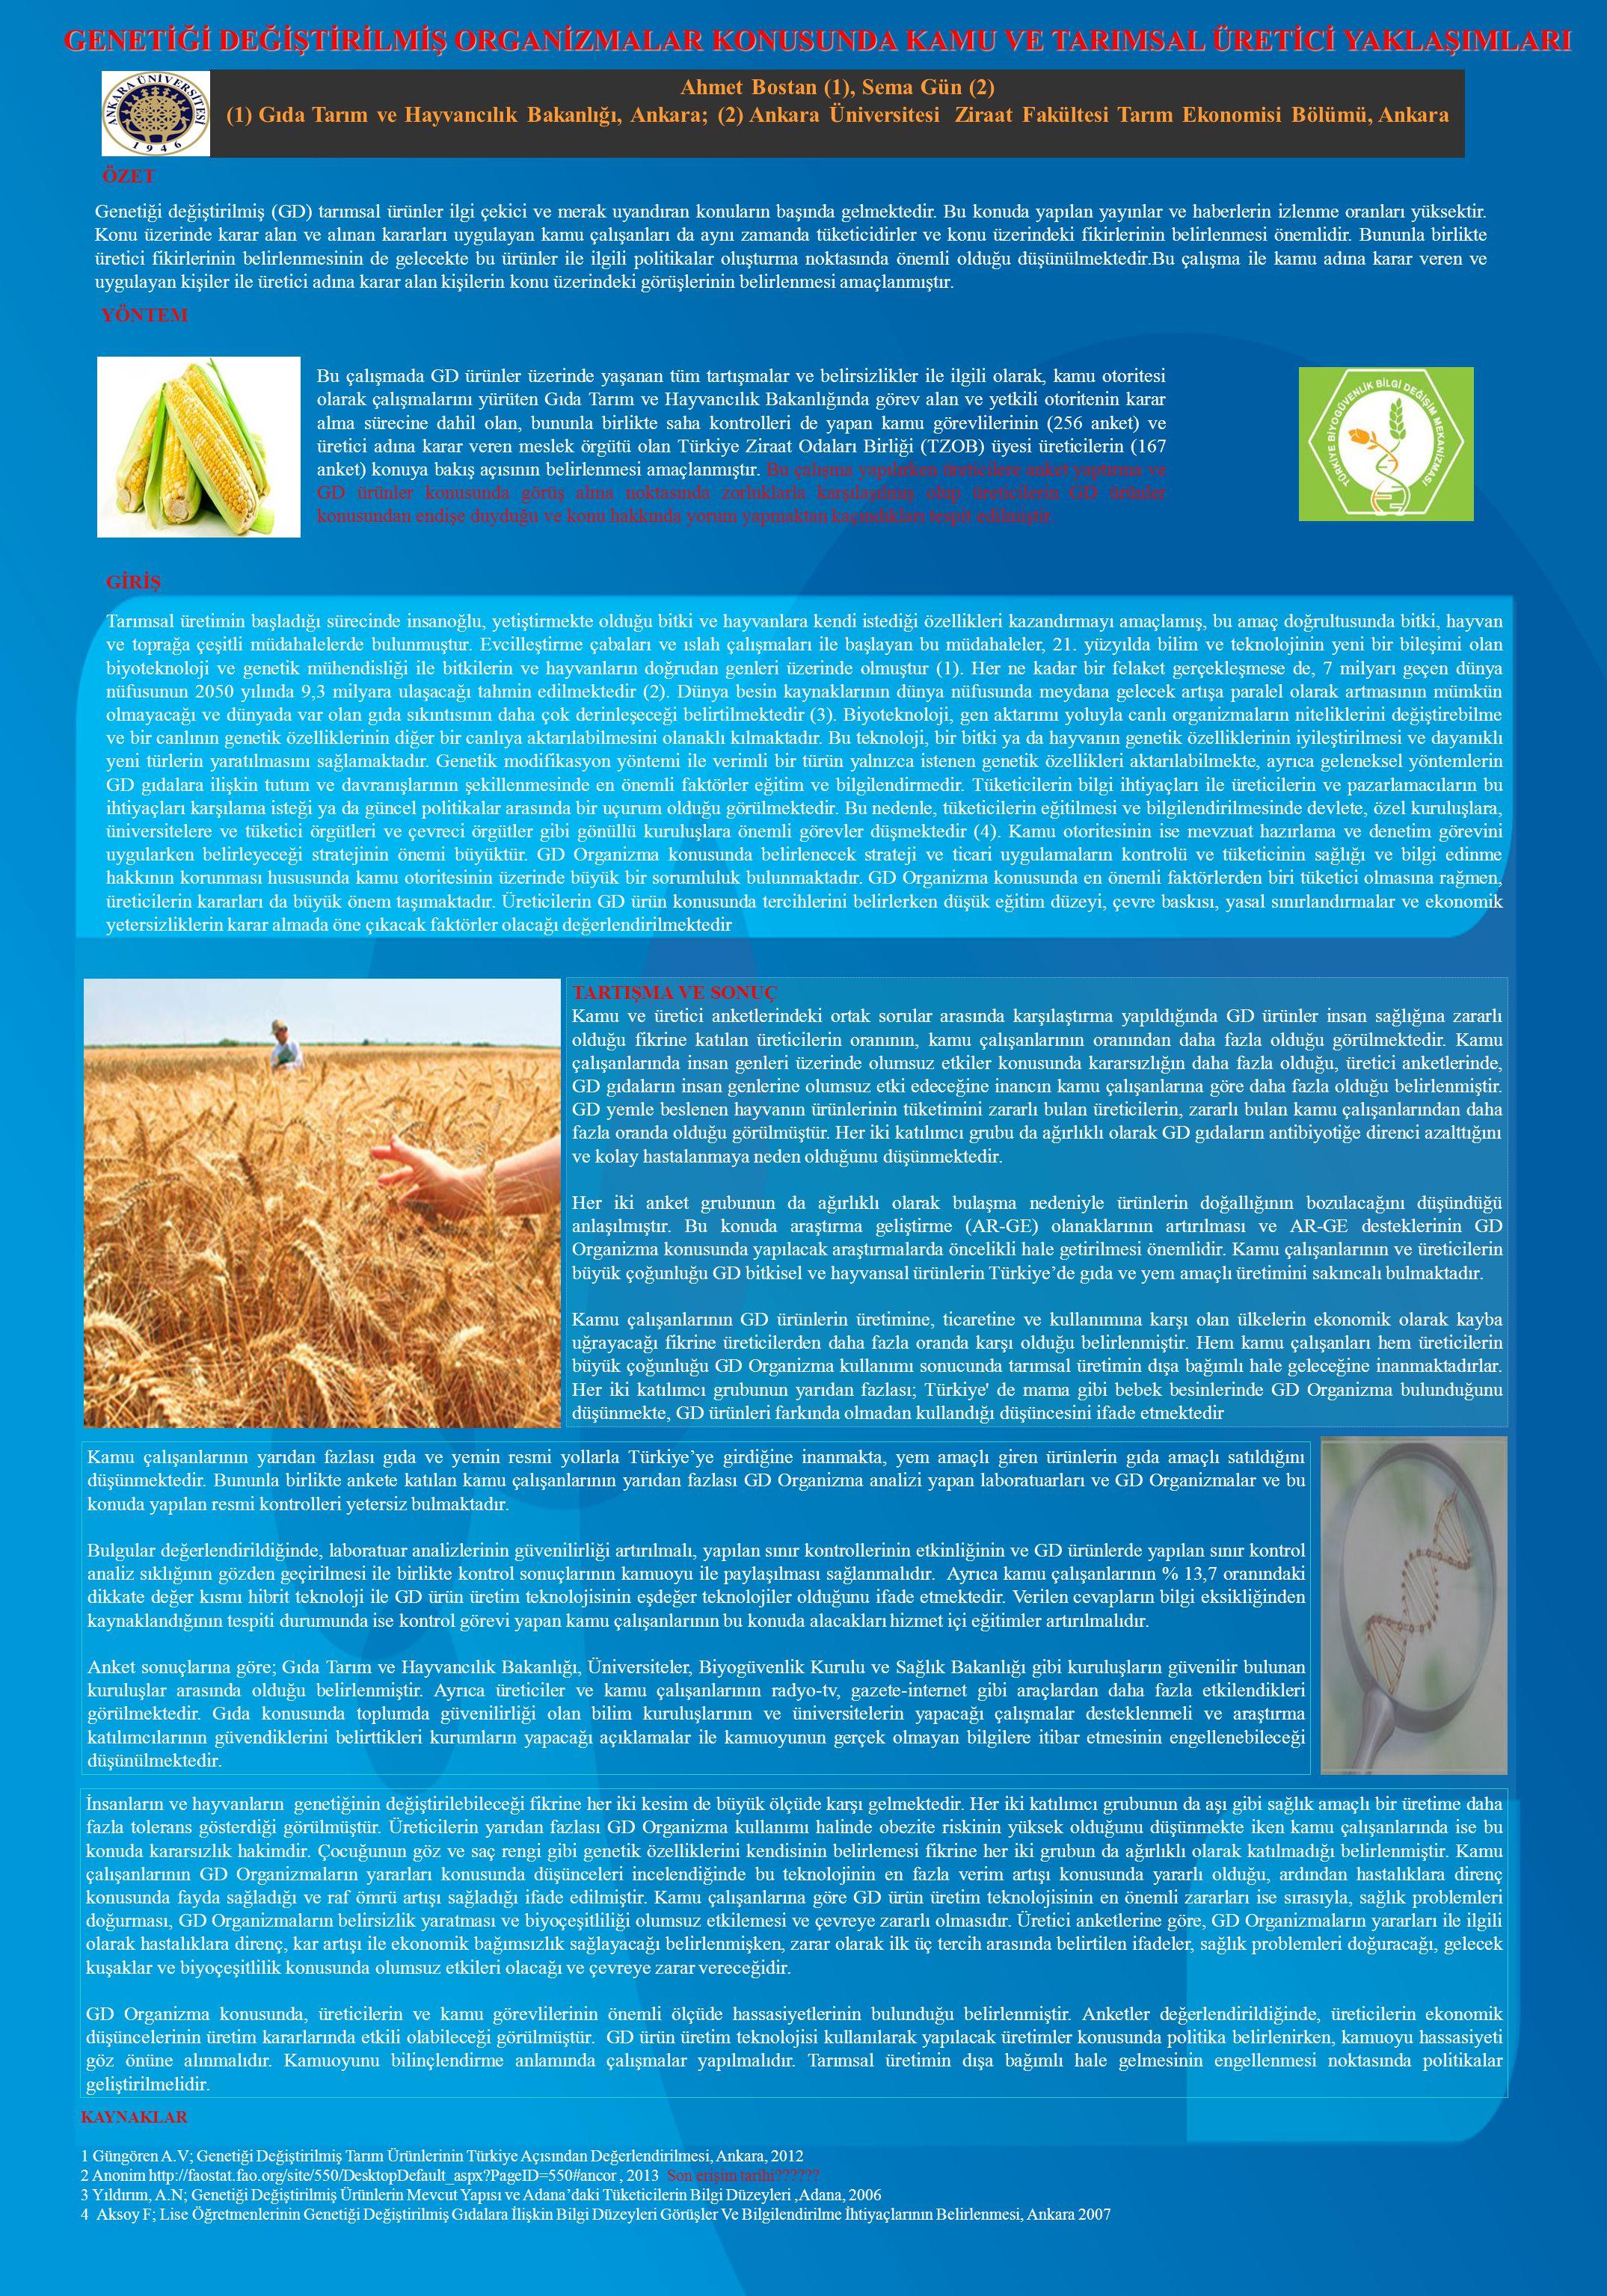 Ahmet Bostan (1), Sema Gün (2) (1) Gıda Tarım ve Hayvancılık Bakanlığı, Ankara; (2) Ankara Üniversitesi Ziraat Fakültesi Tarım Ekonomisi Bölümü, Ankar